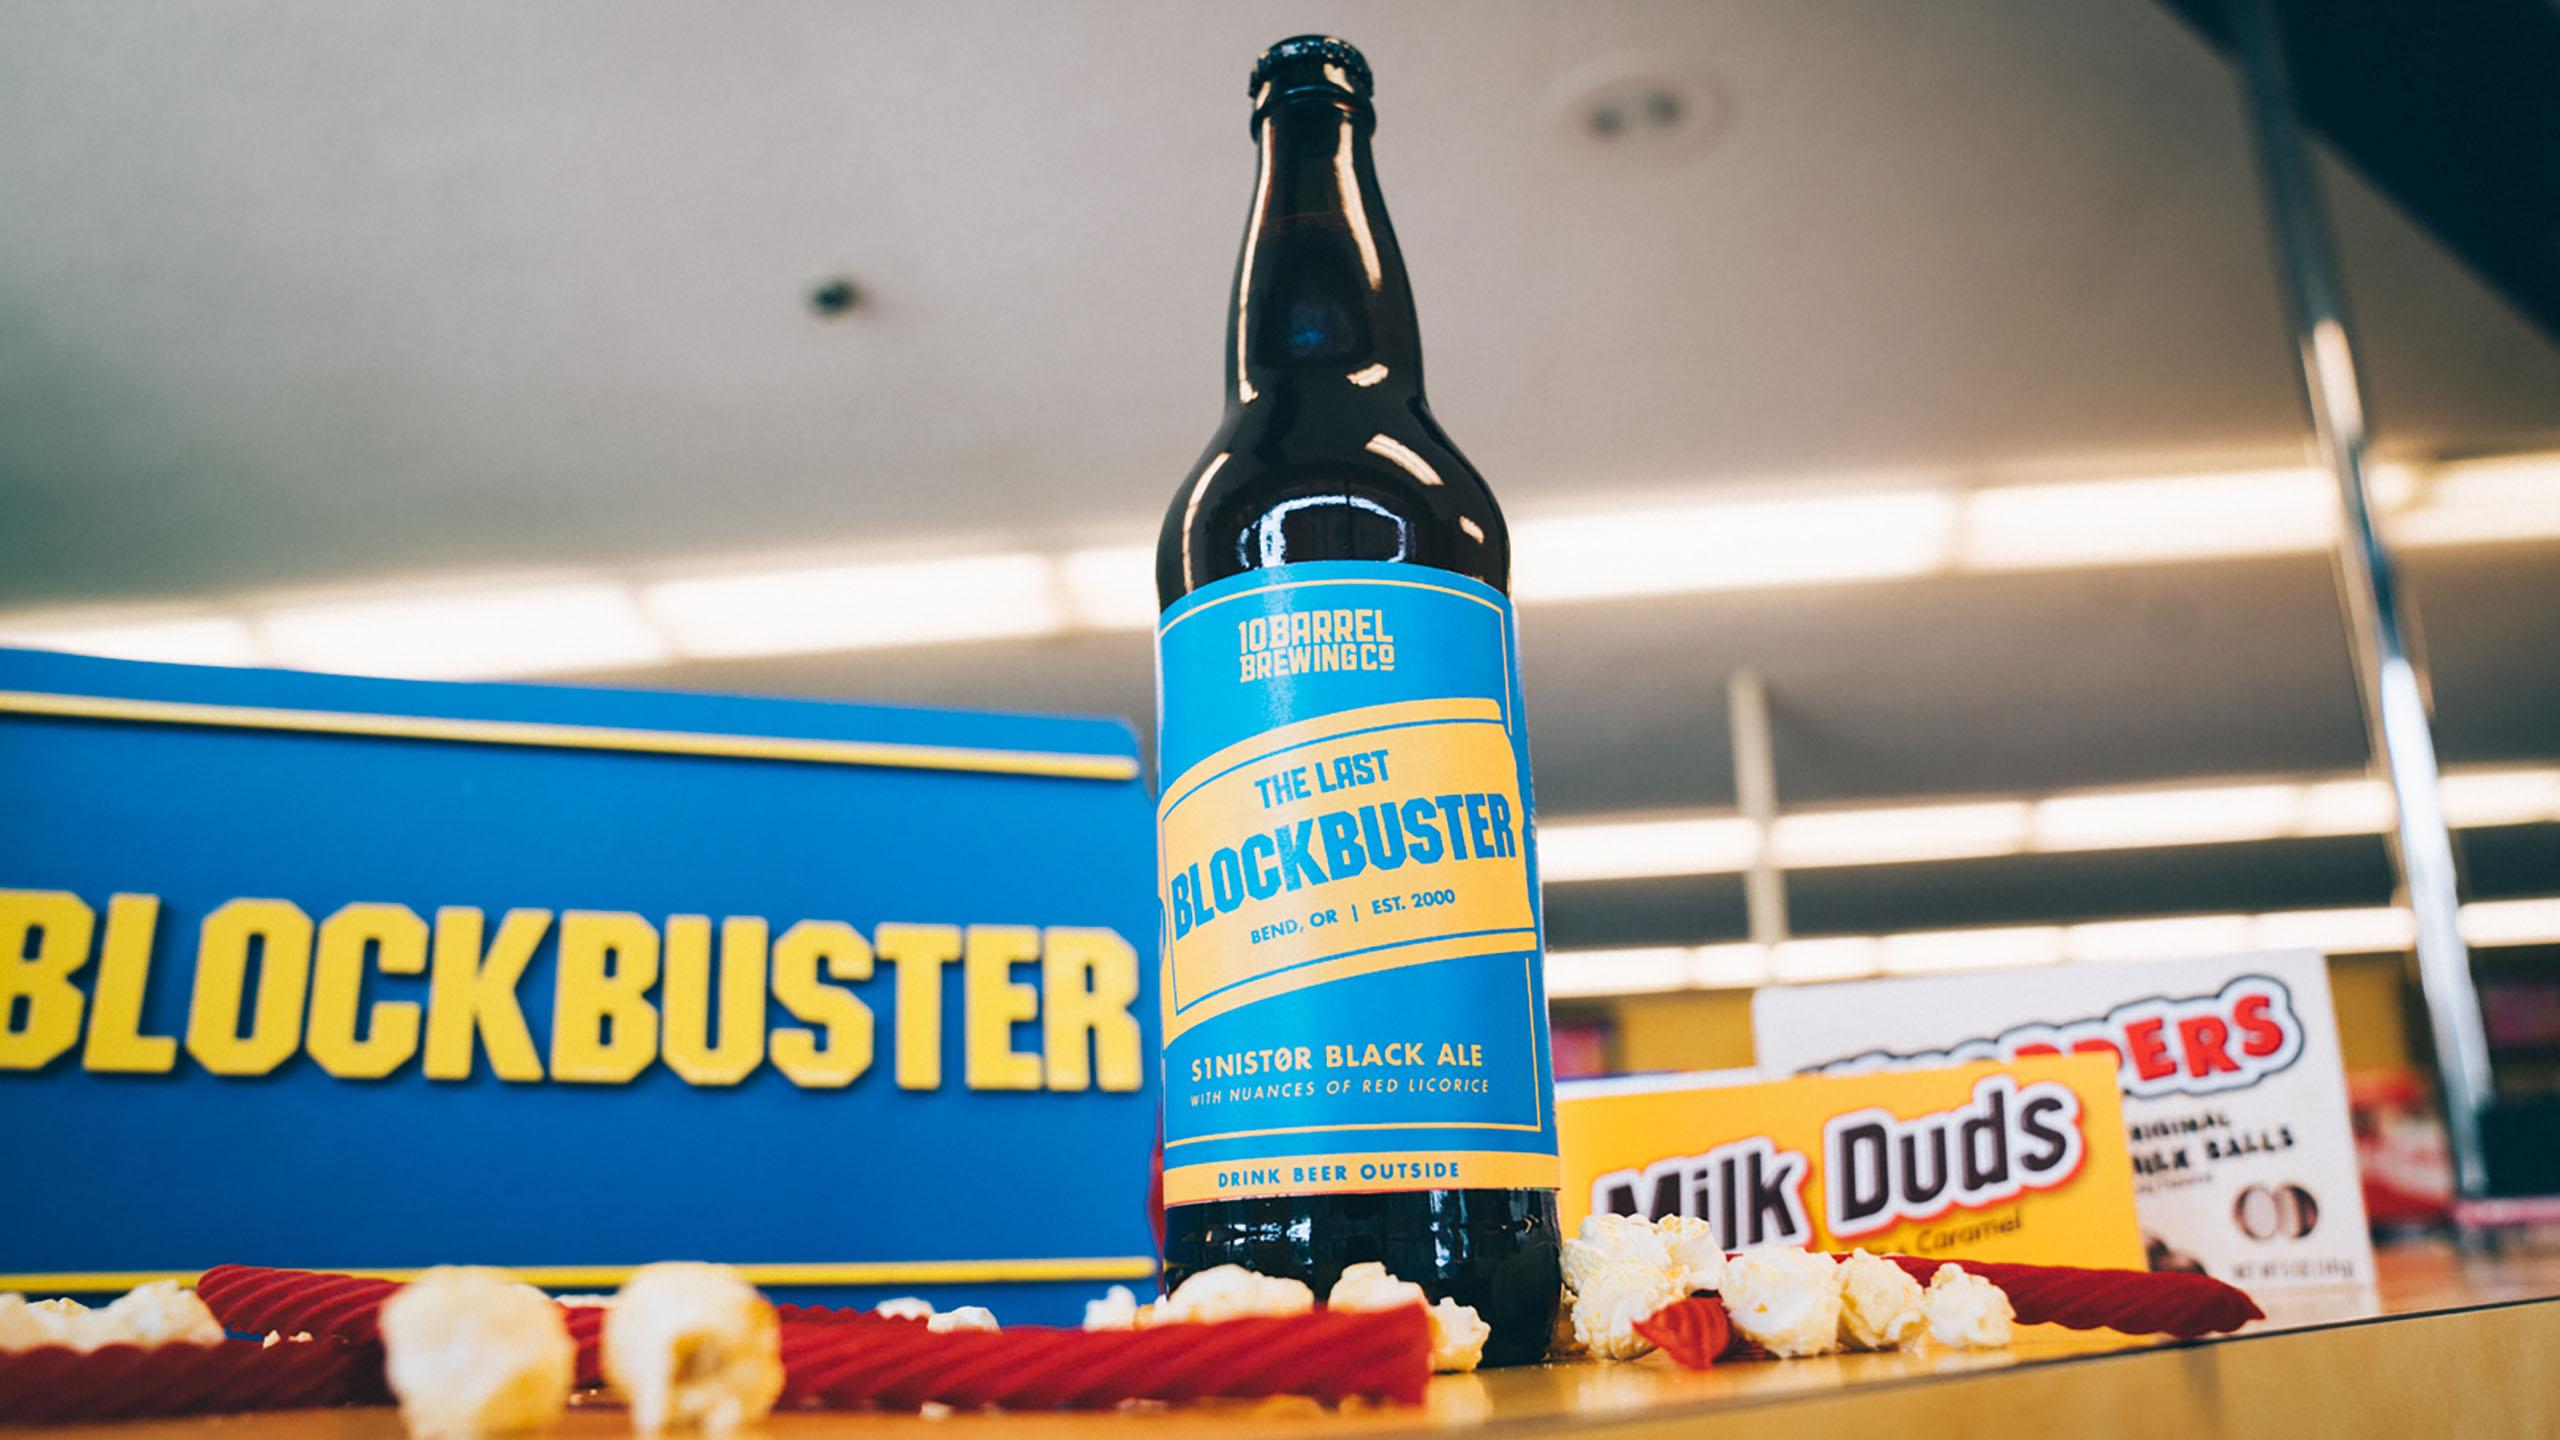 La cerveza que rinde homenaje a las tiendas Blockbuster